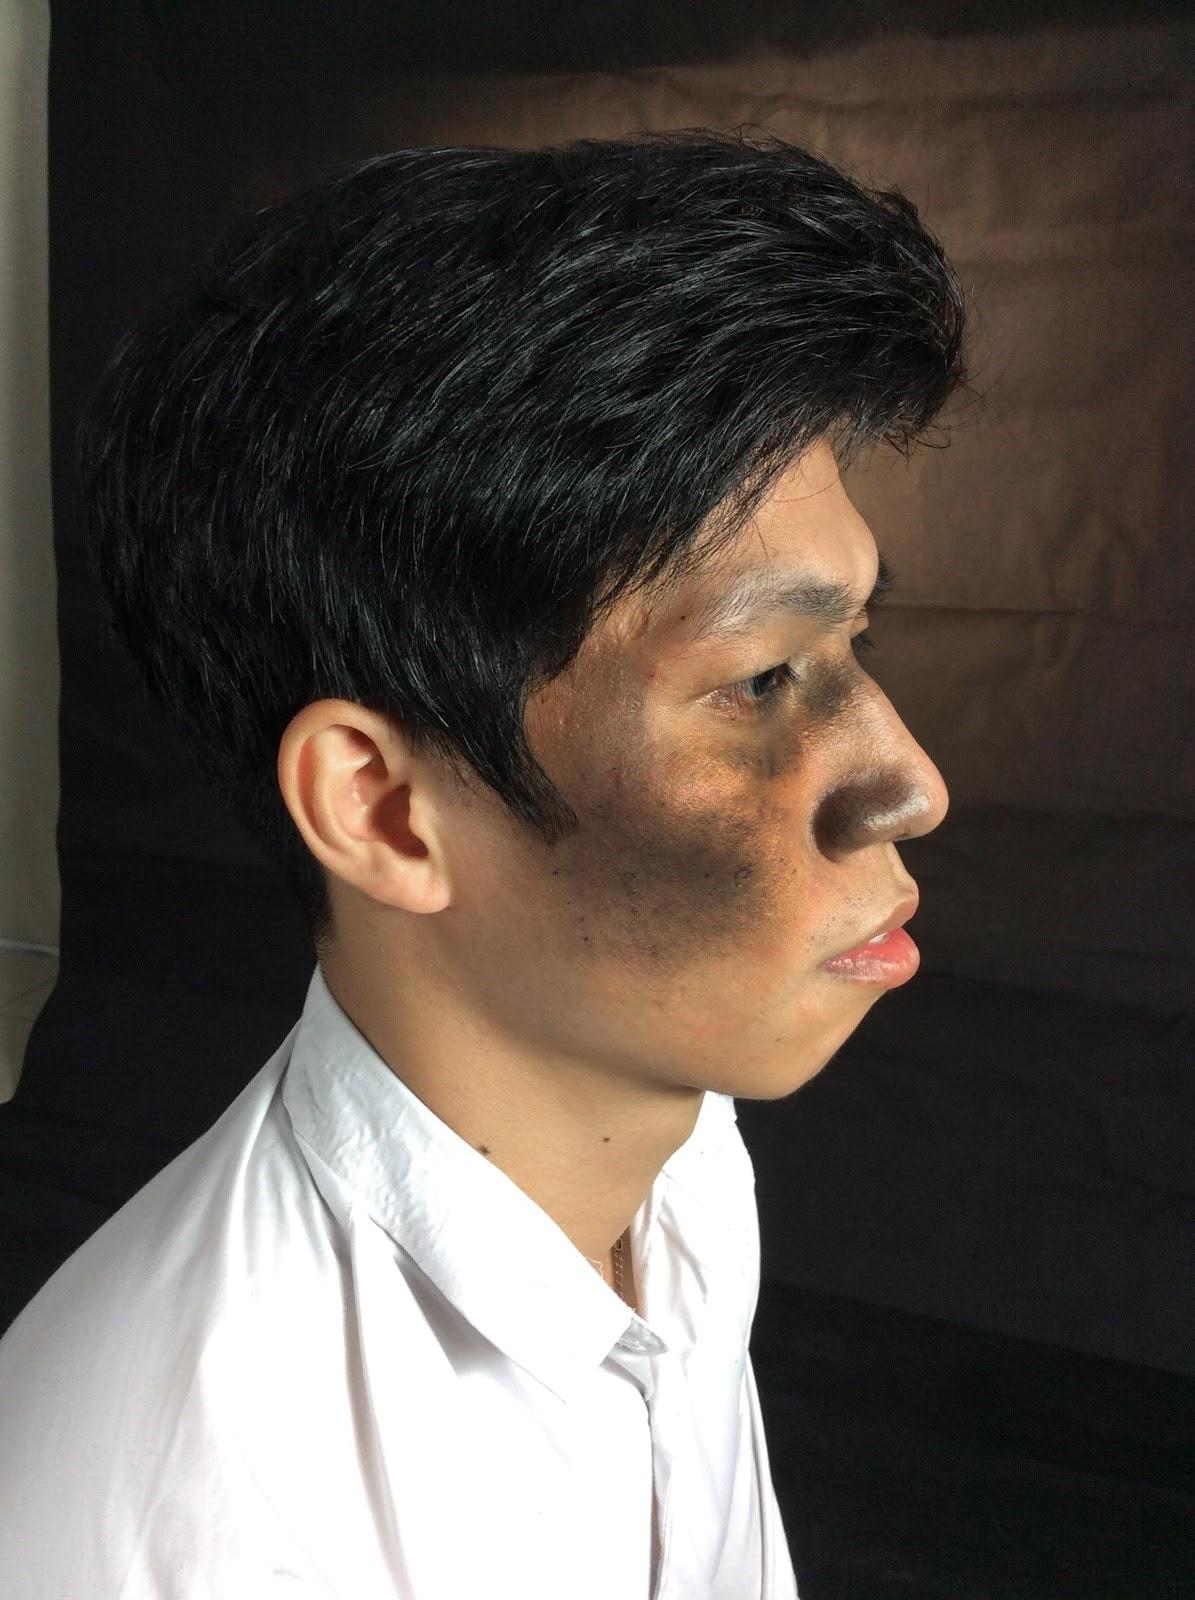 """Dáng mũi thanh tú: Biến chàng trai hai lúa trở thành gương mặt """"lai tây"""" được cộng đồng mạng phát cuồng 1"""